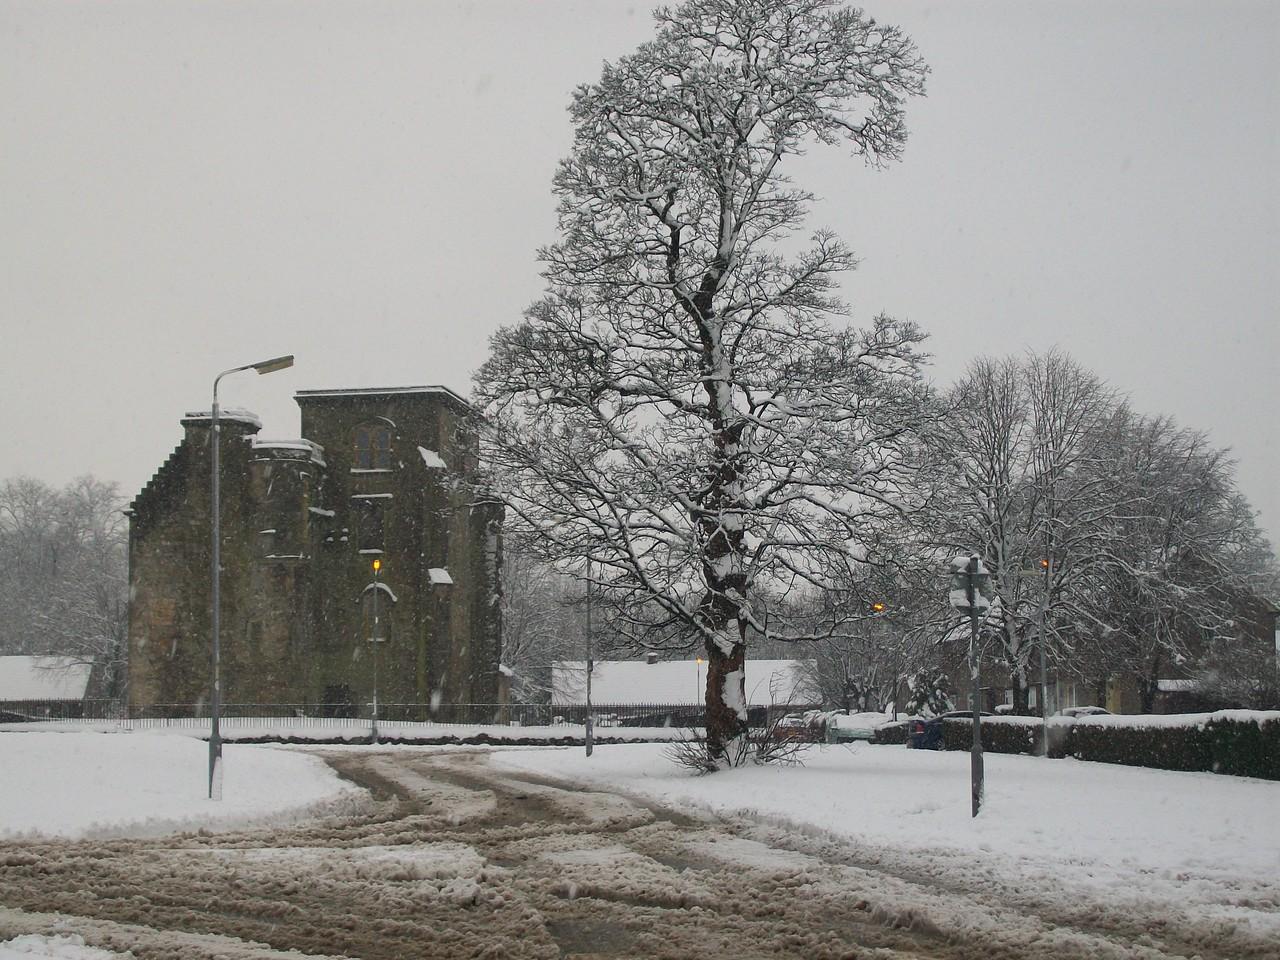 Johnstone Castle as seen from Hazel Avenue